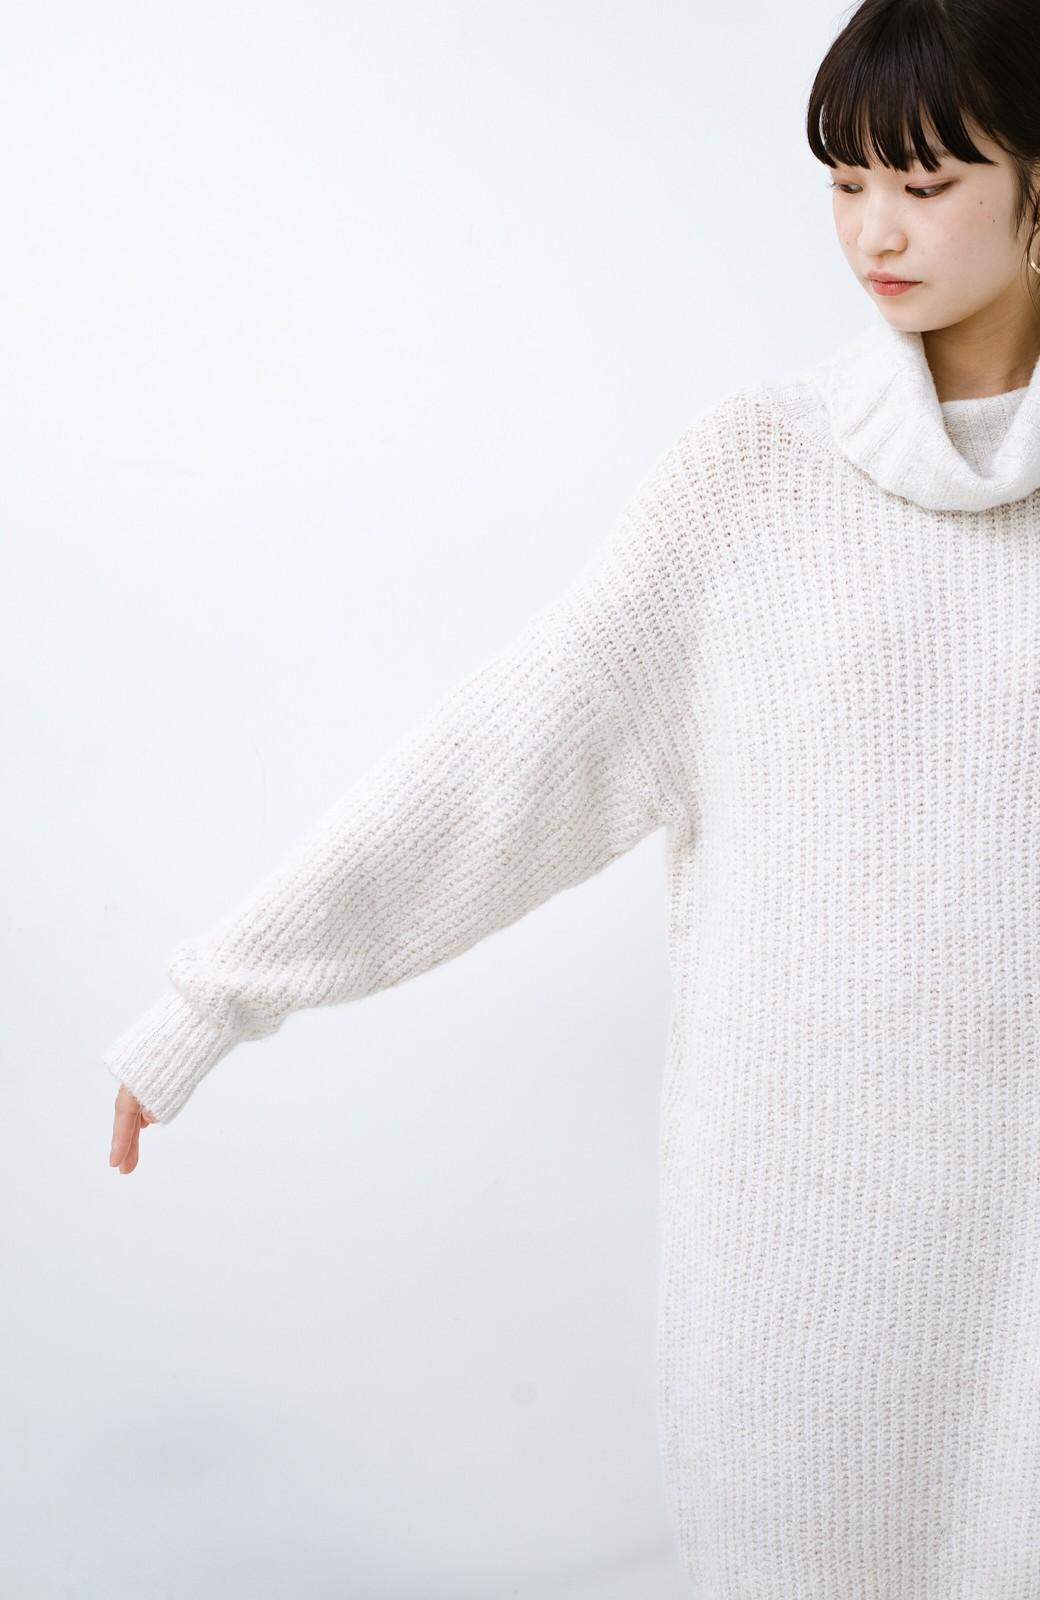 haco! 単品でも重ね着にも便利!ミックス糸がかわいいタートルニットワンピース <アイボリー>の商品写真15